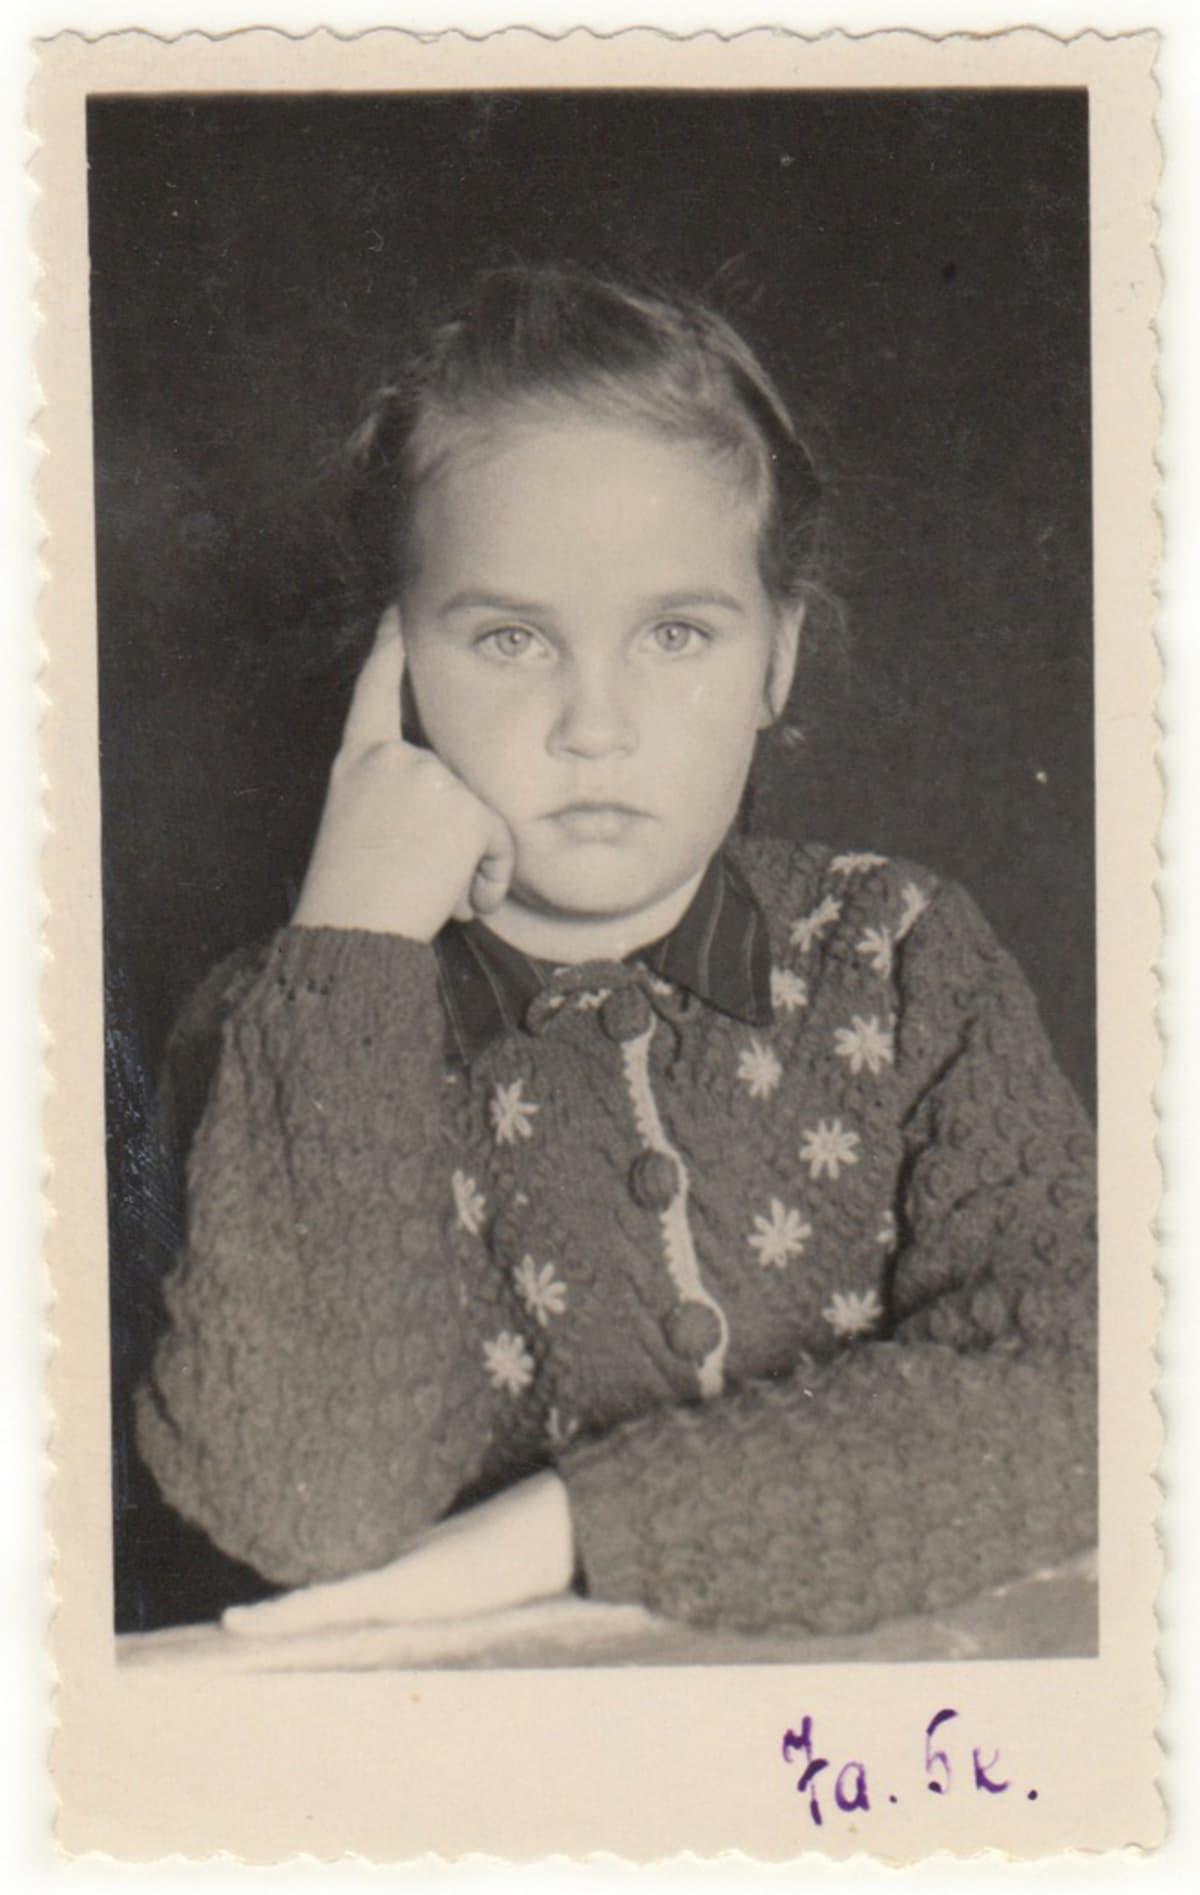 Kersti Samm seitsemänvuotiaana pakkosiirrettynä Siperiassa.